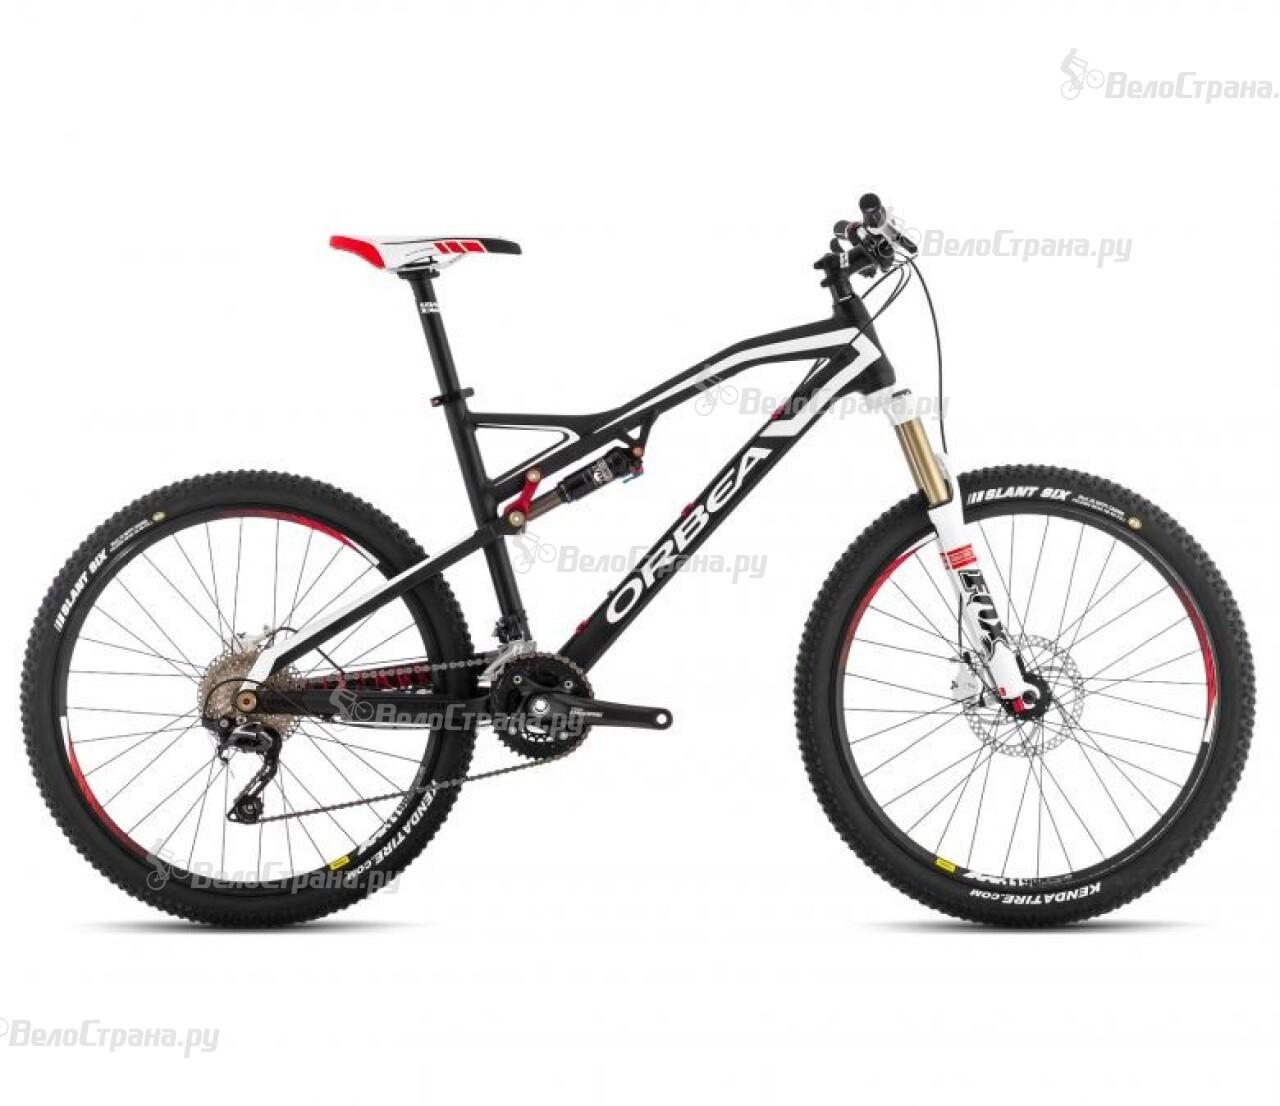 Велосипед Orbea Occam H30 (2014) велосипед orbea occam m10 2014